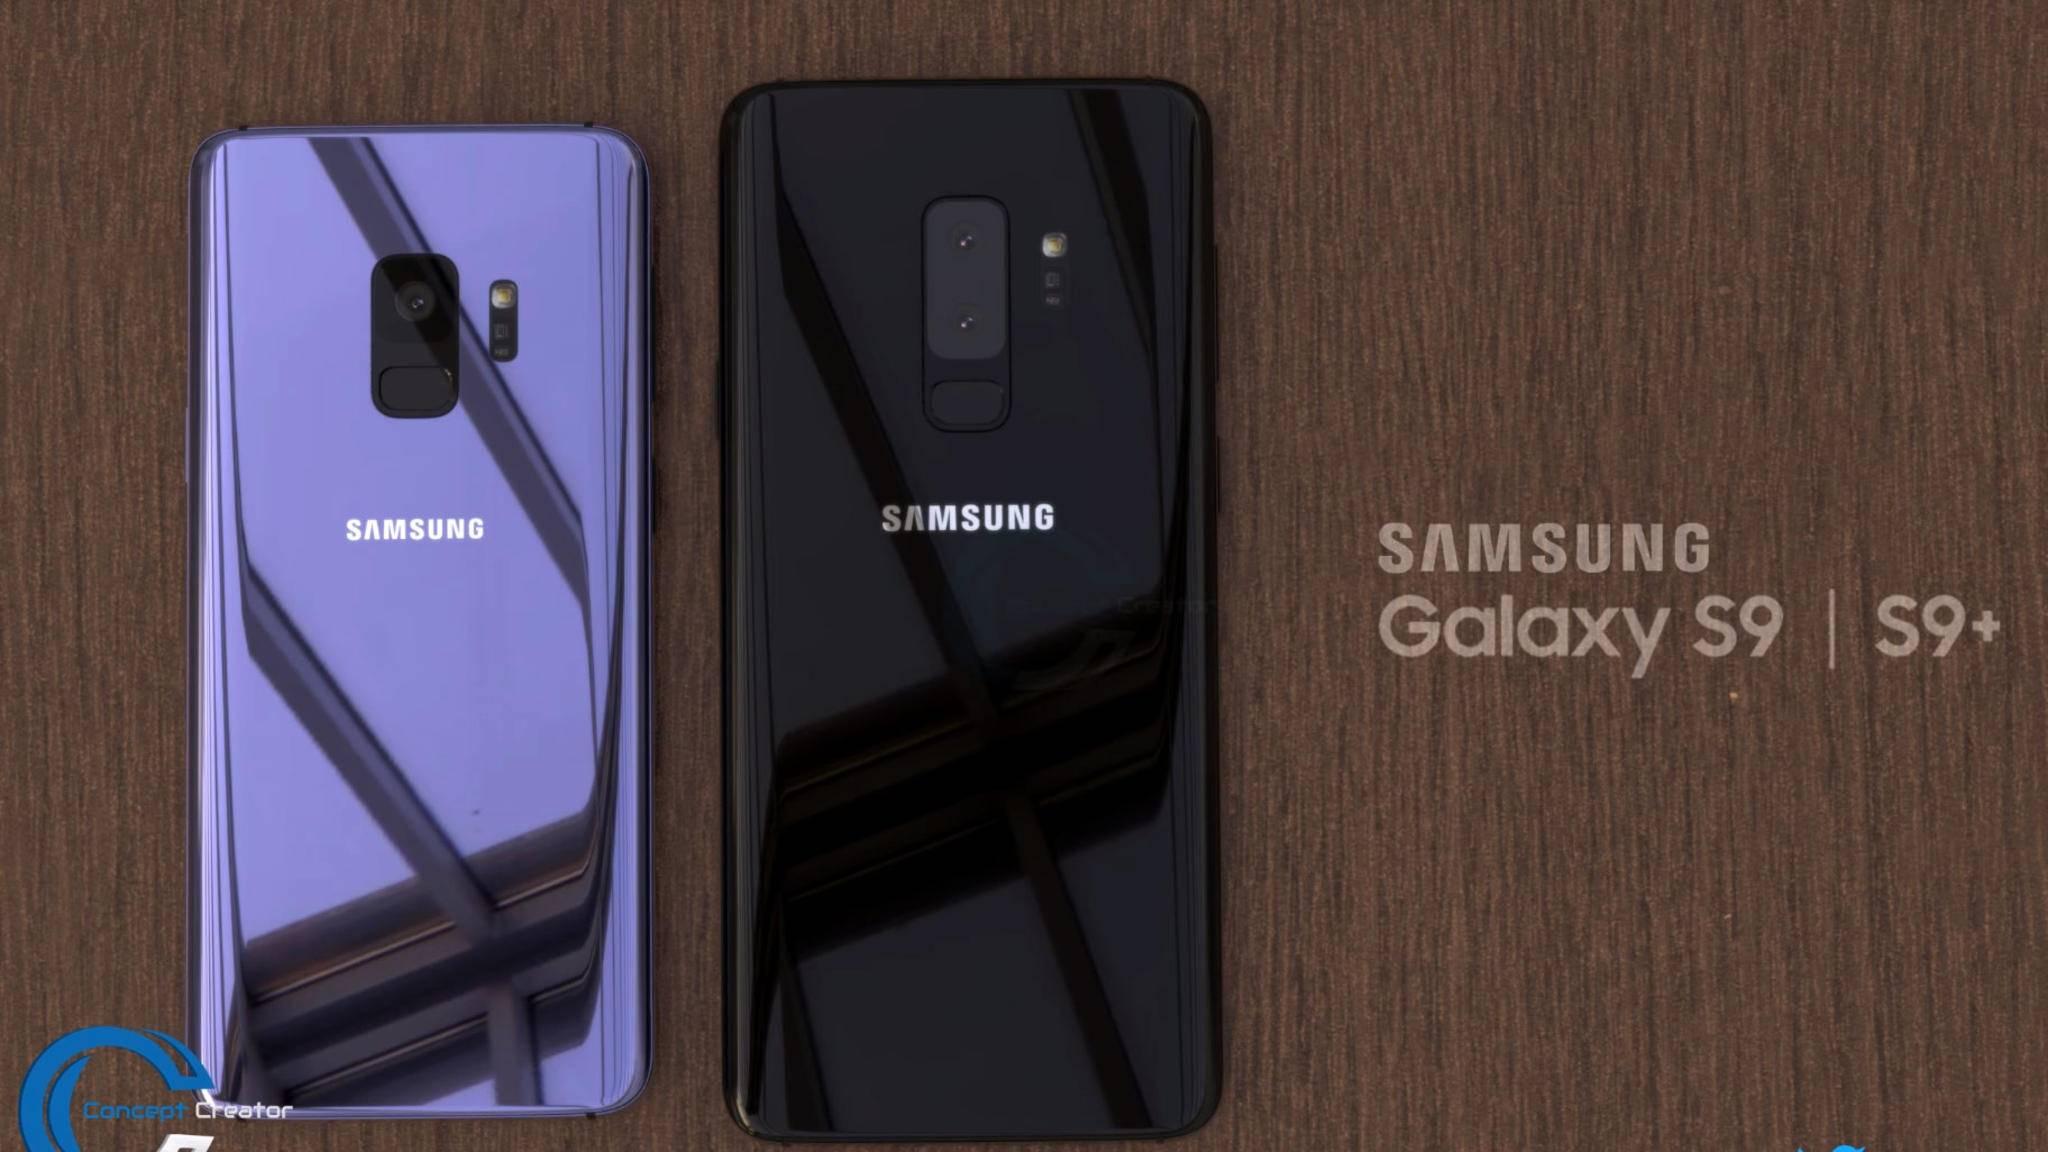 Das ist nicht das echte Galaxy S9, sondern lediglich ein Konzeptbild eines Designers.